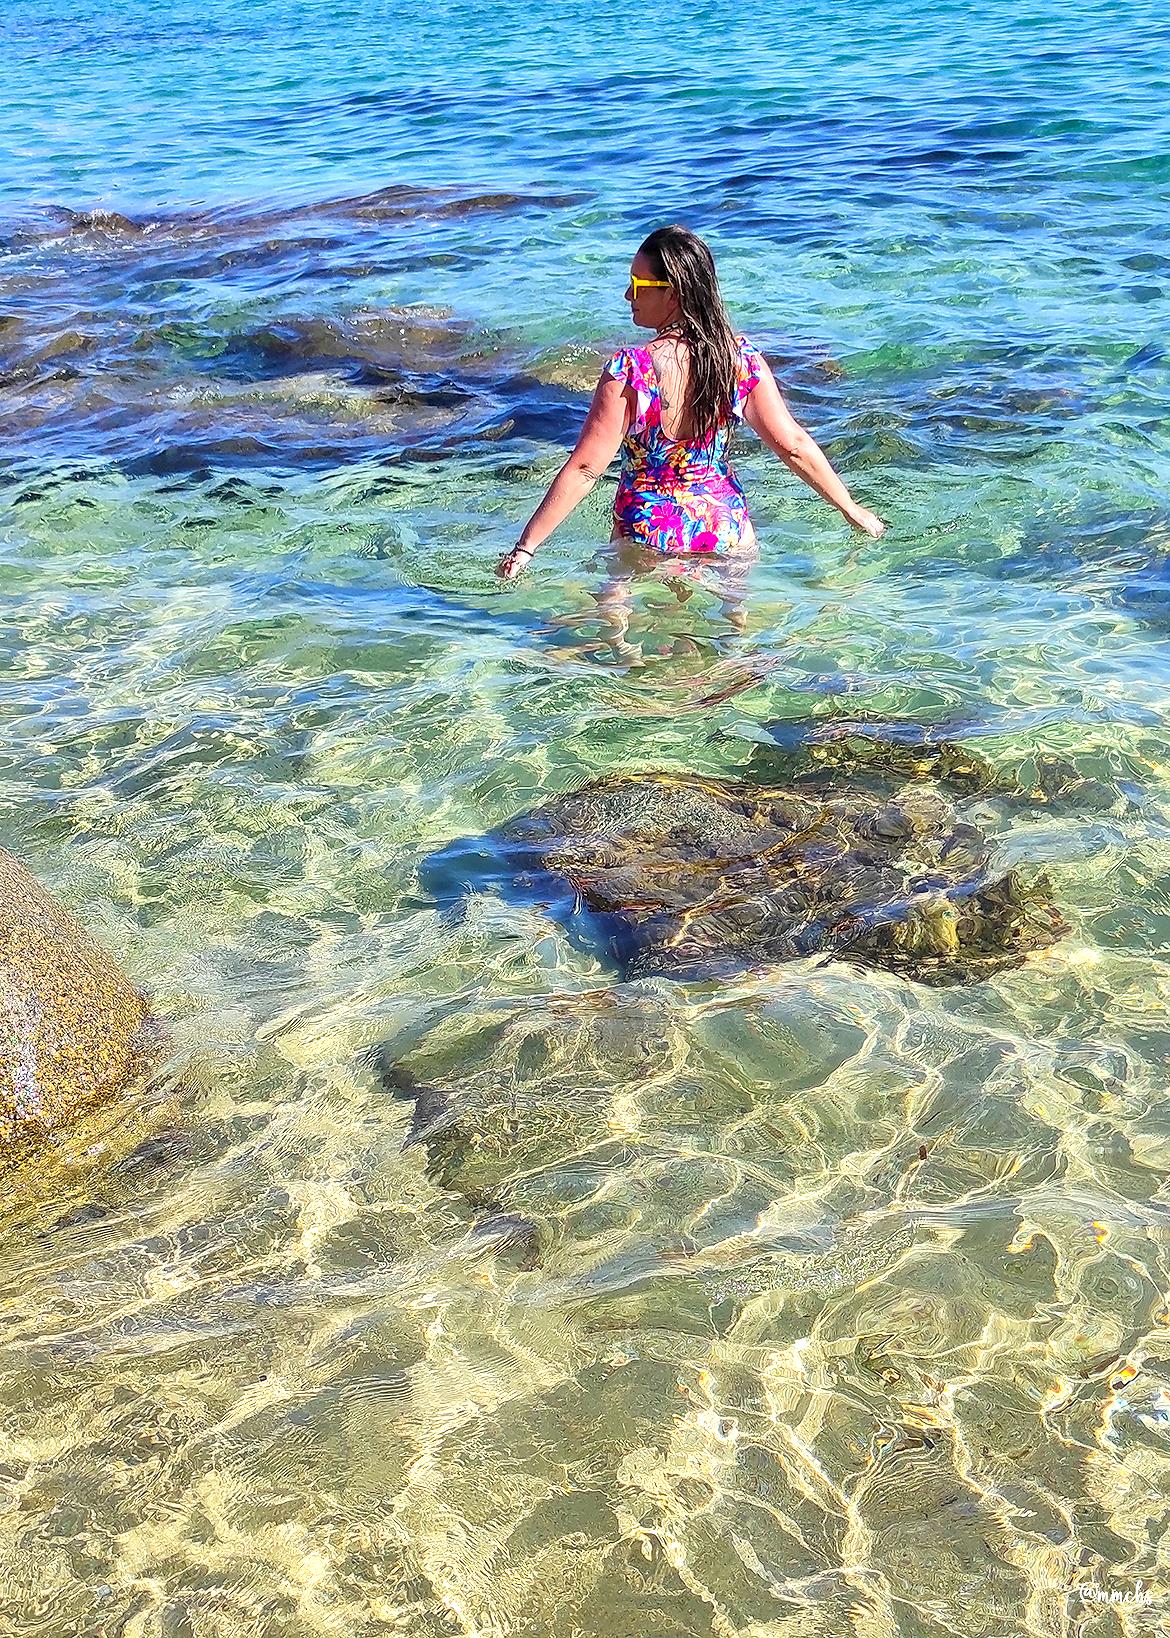 Vacaciones en familia en la Costa Brava, Cap de Creus